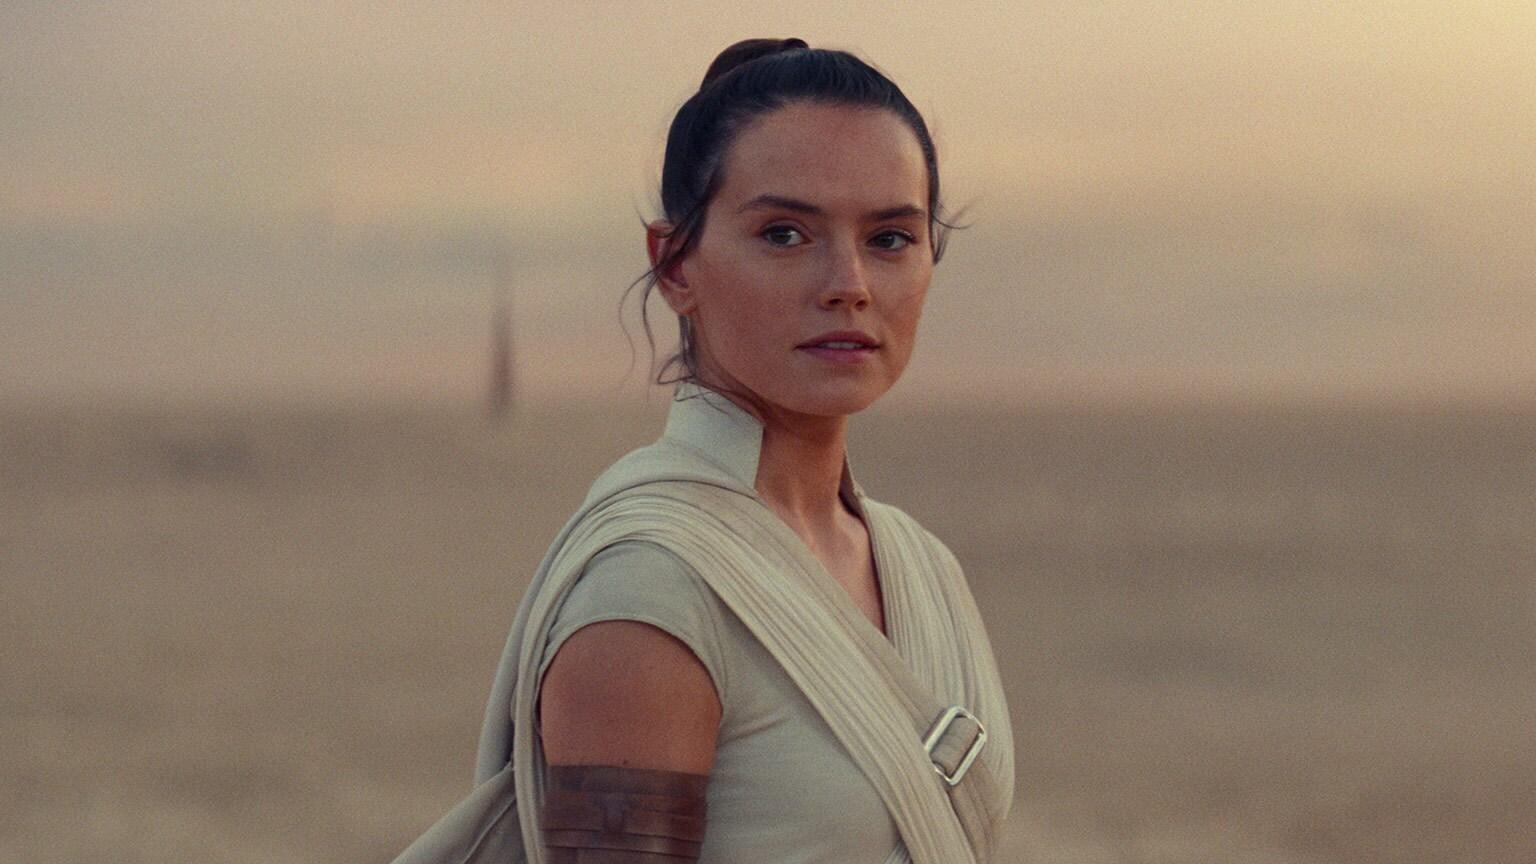 Rey on Tatooine